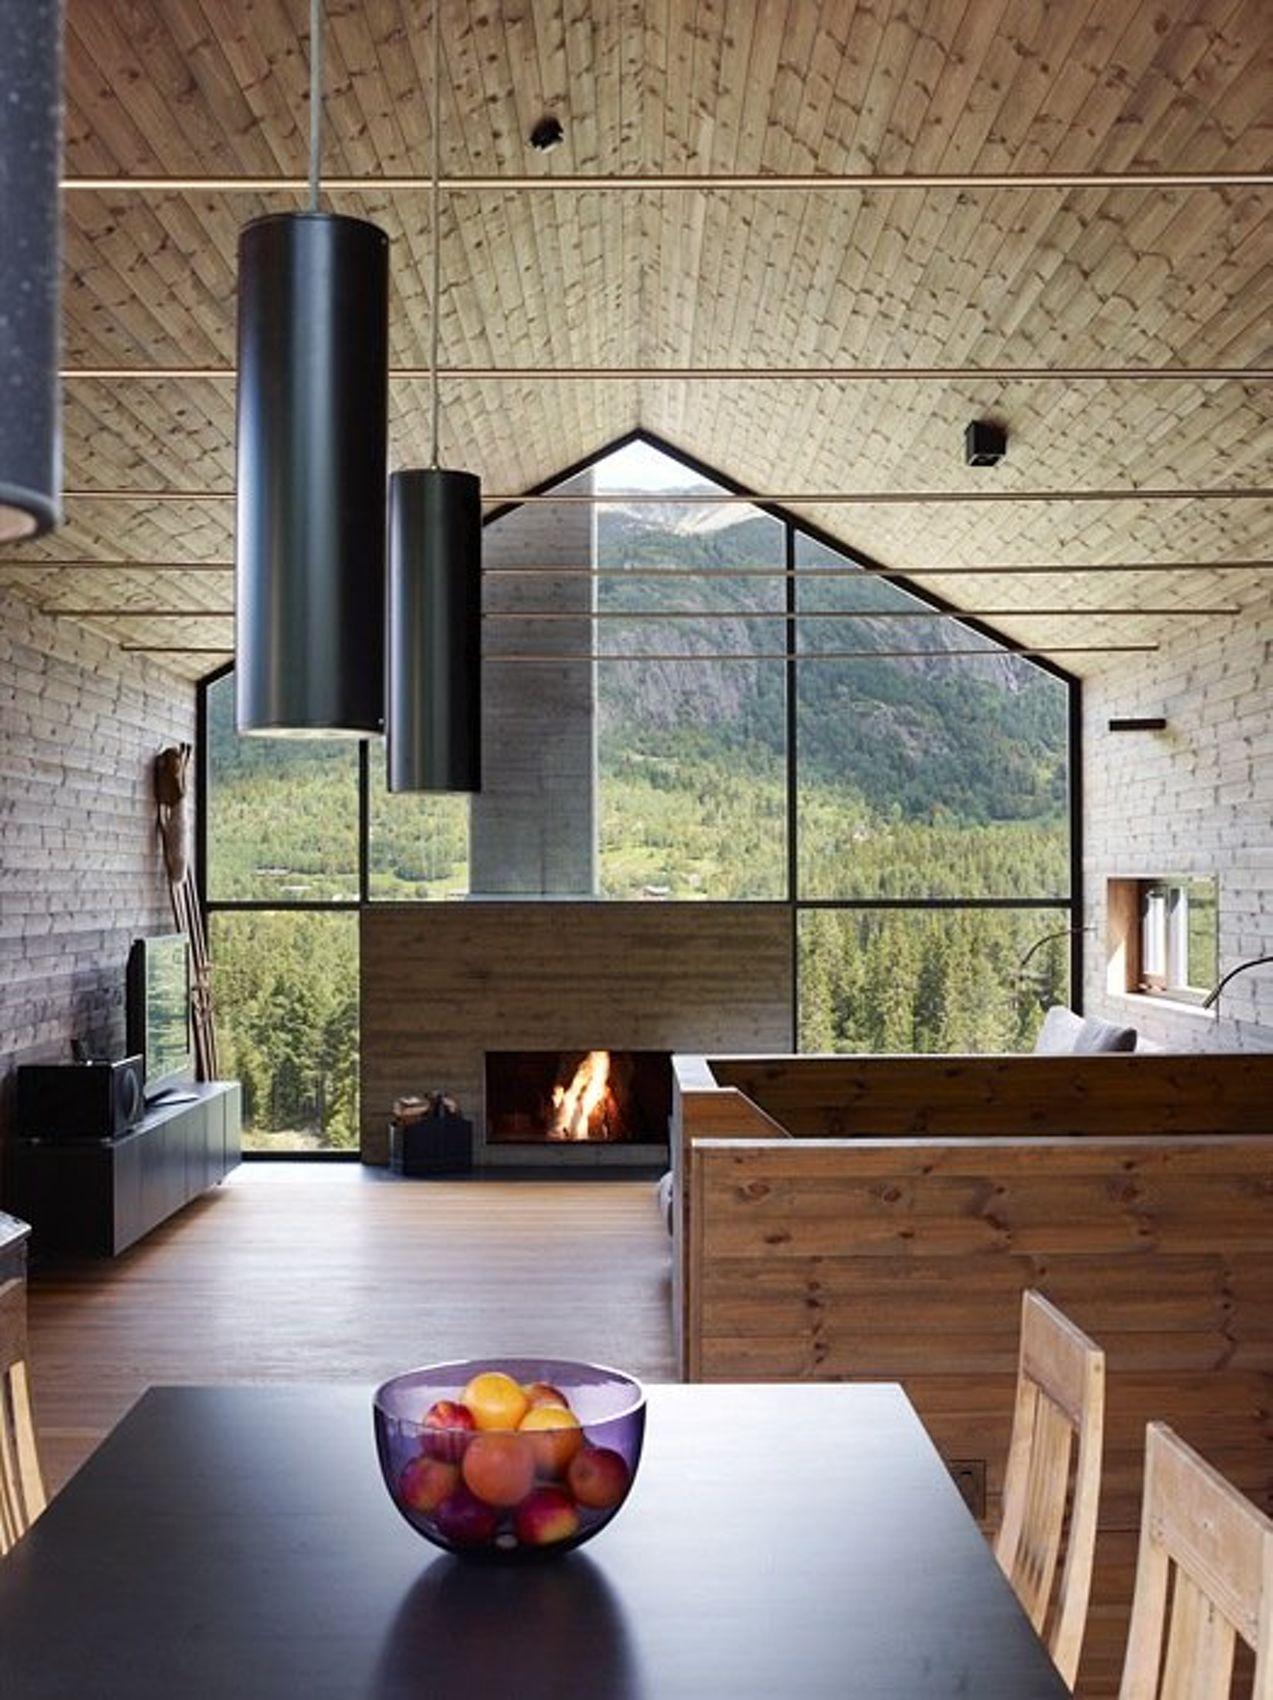 Spennende hyttekonstruksjon | Interiors | Pinterest | Architektur ...